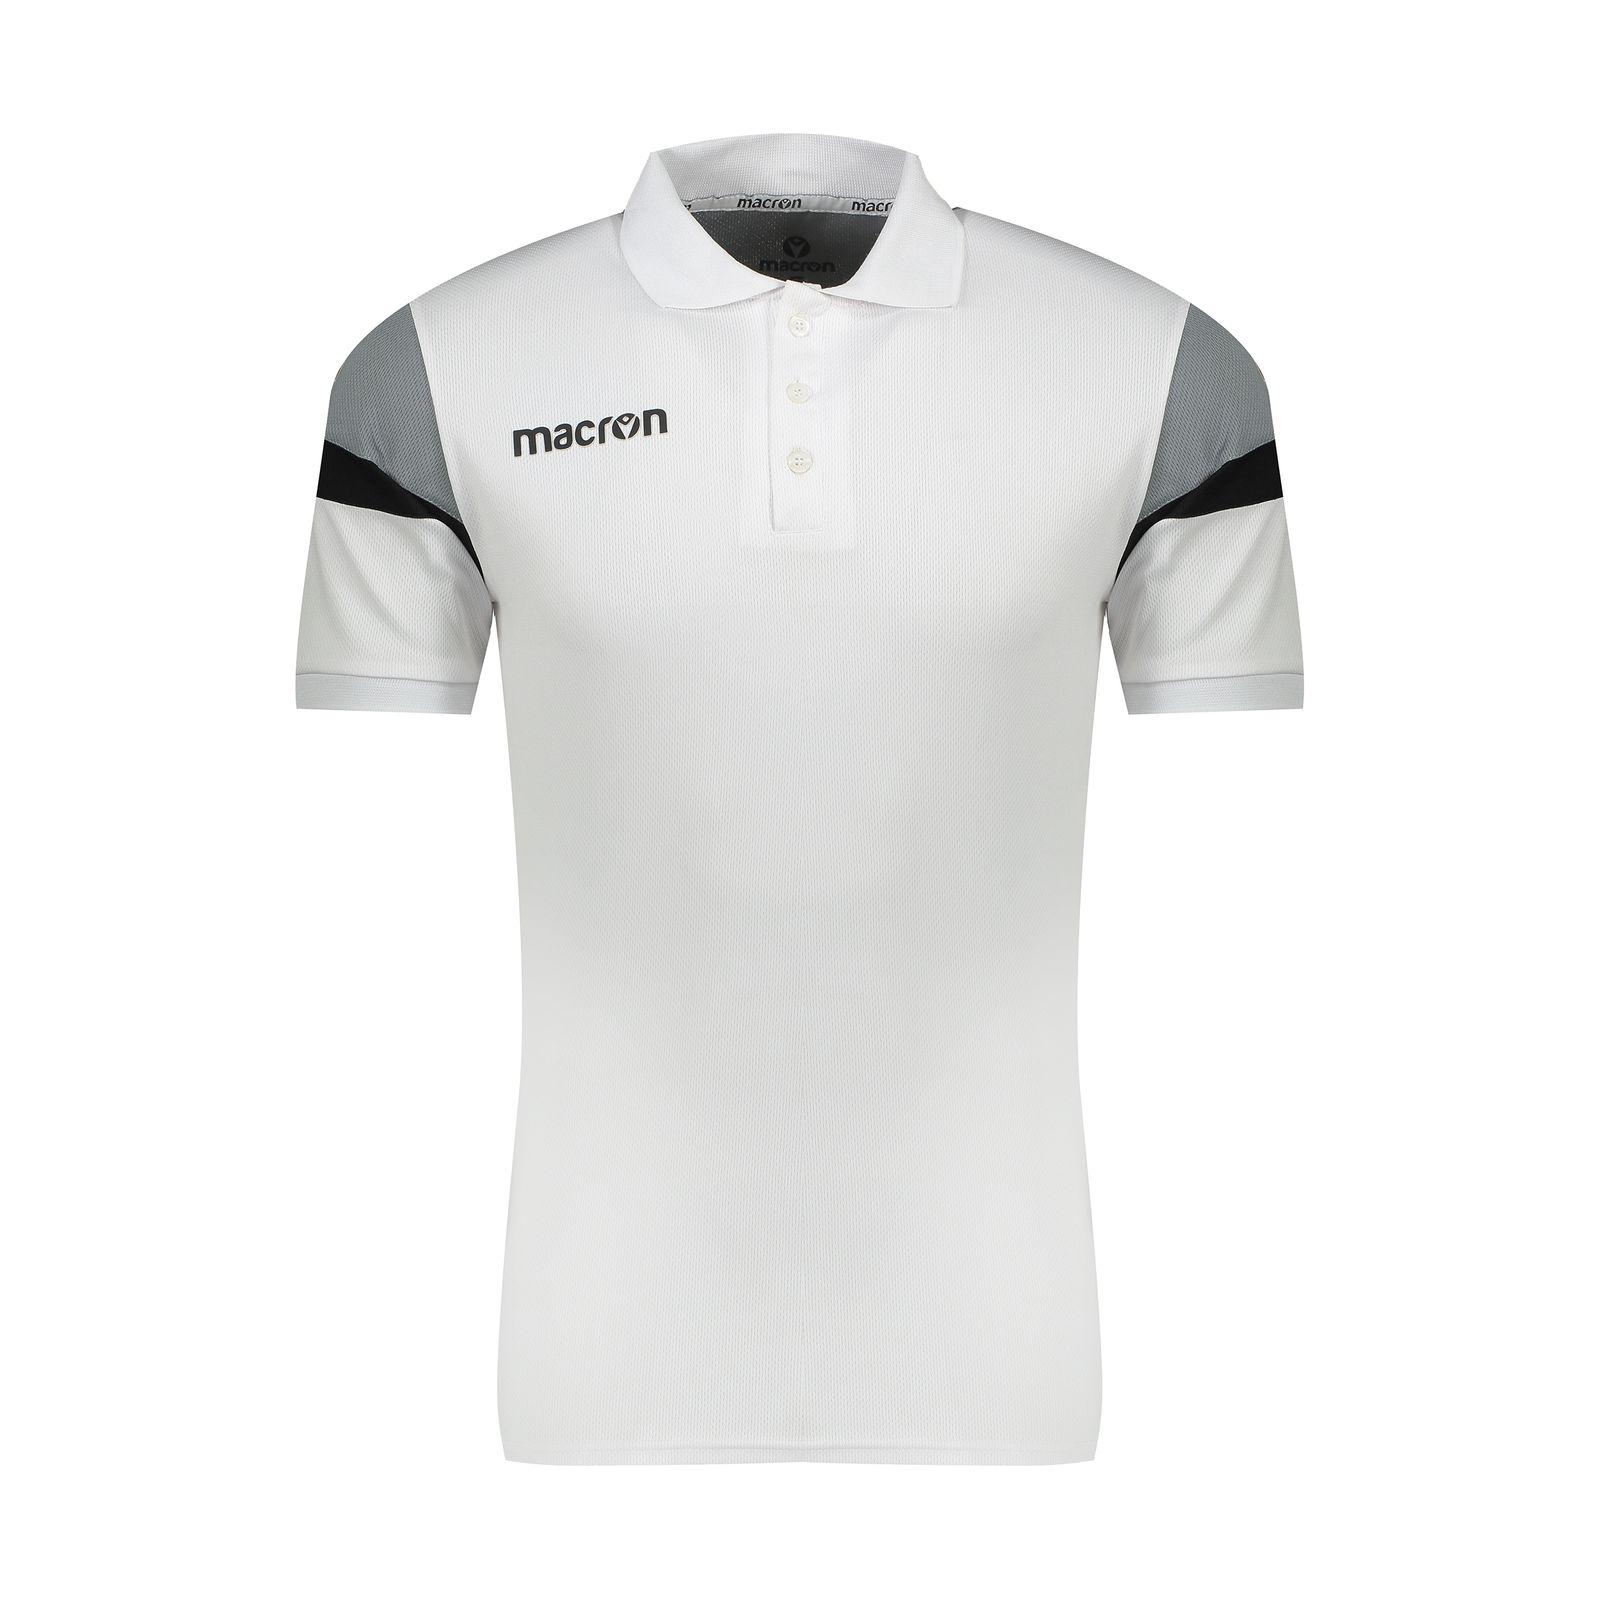 پولوشرت ورزشی مردانه مکرون مدل شوفار کد 35020-01 -  - 4